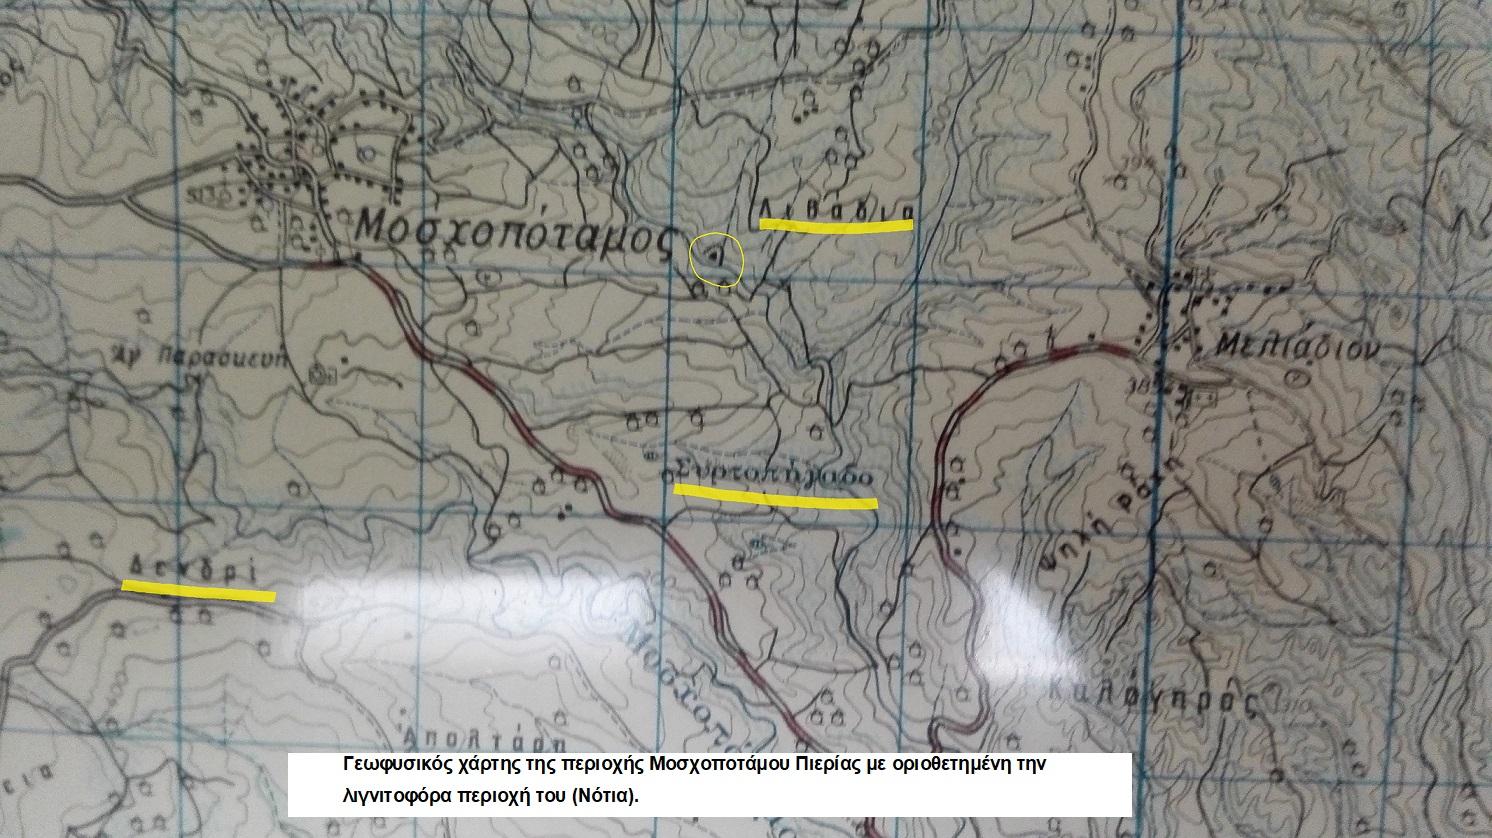 4 Γεωφυσικός χάρτης της περιοχής του Μοσχοποτάμου με οριοθετιμένη Νότια την λιγνιτοφόρο λεκάνη